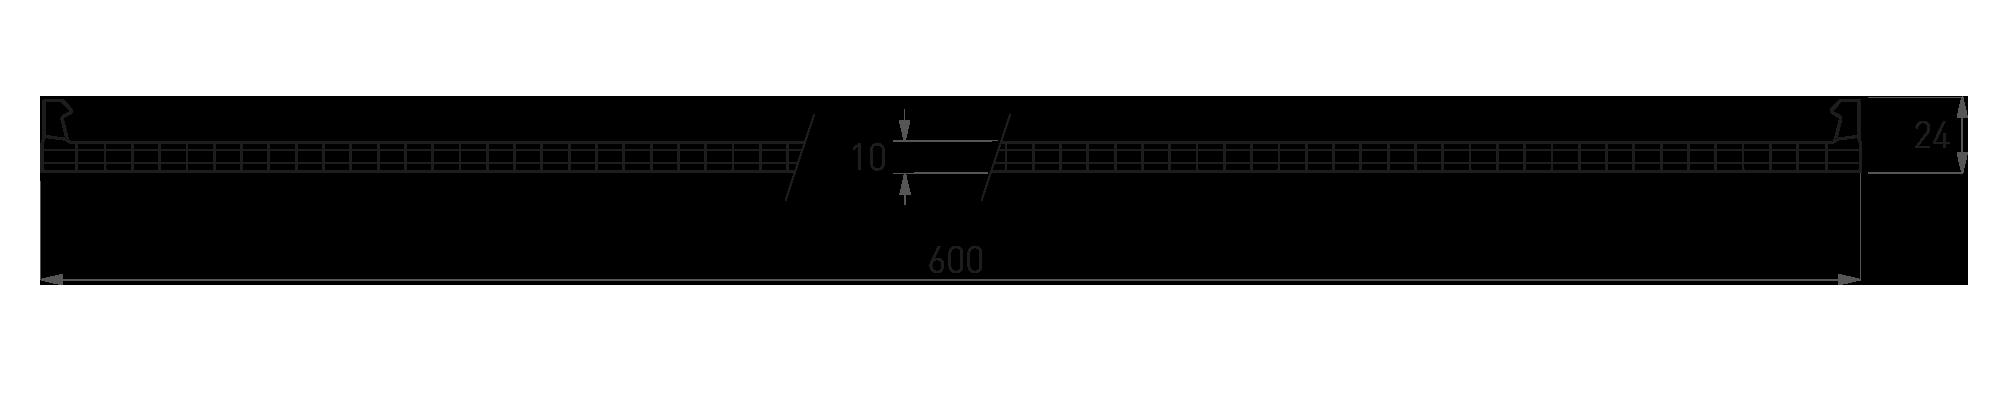 BDL 4W 10 mm